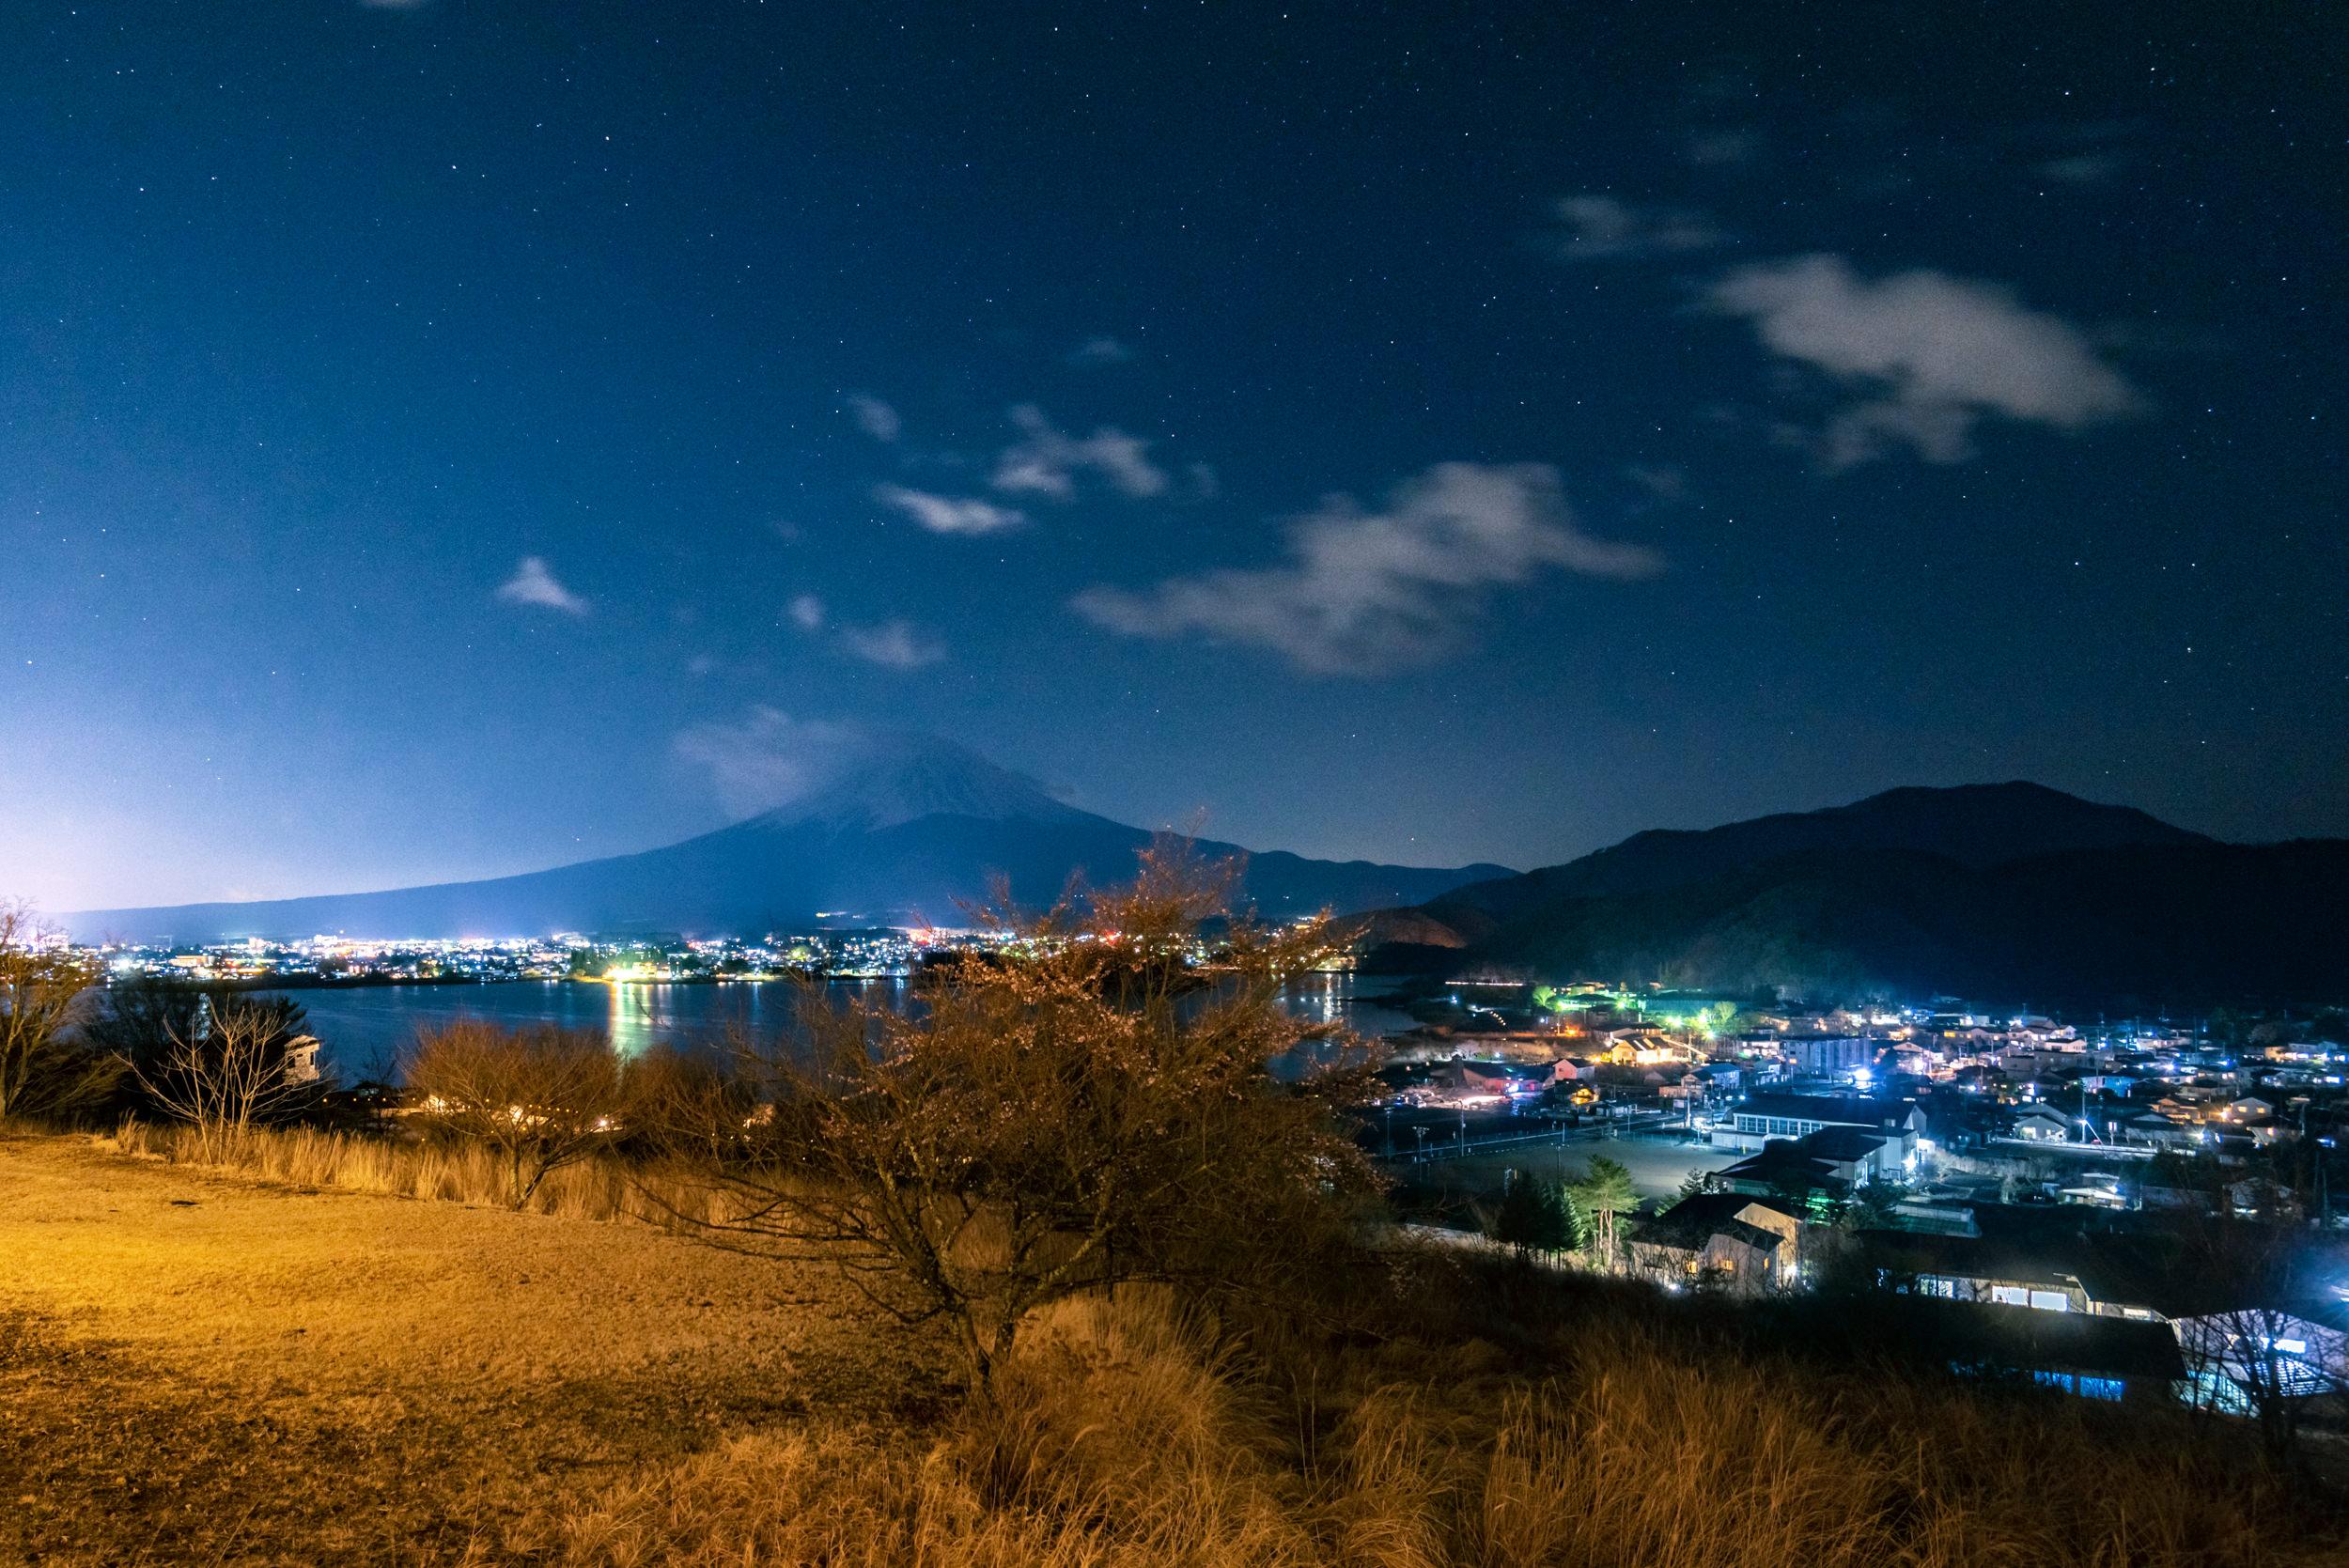 Night View from Balcony  T Cabin - HOSHINOYA Fuji